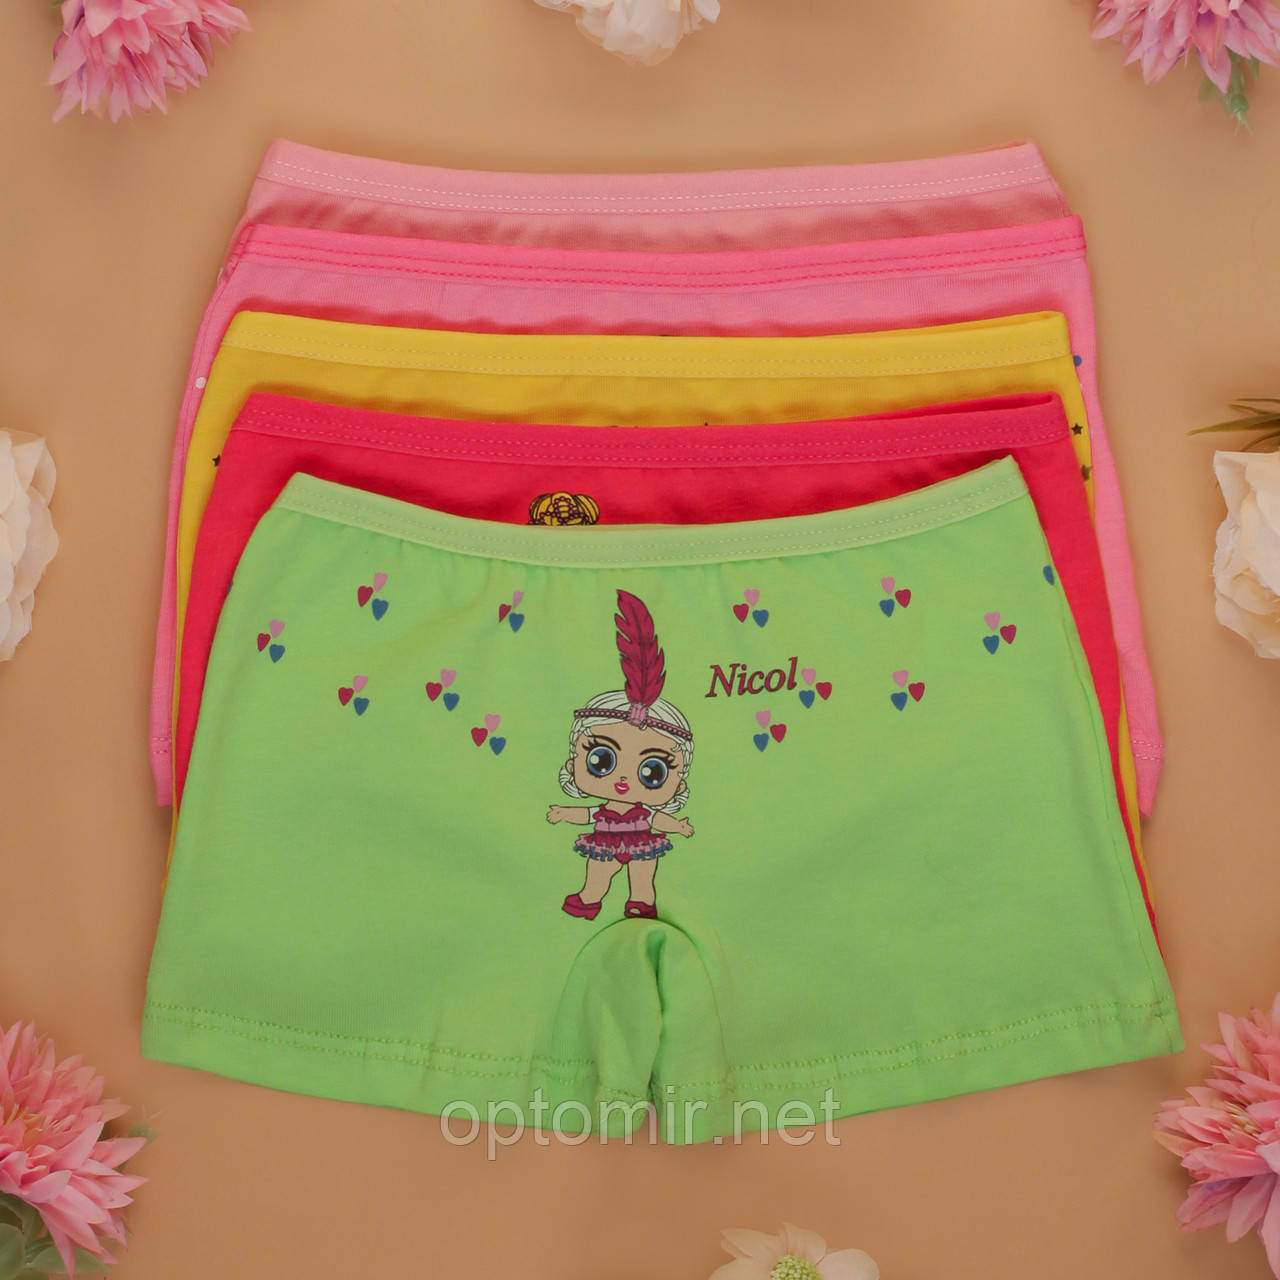 Трусы детские шортики Nicoletta для девочки  (возраст: 4-5 лет) | 5 шт.